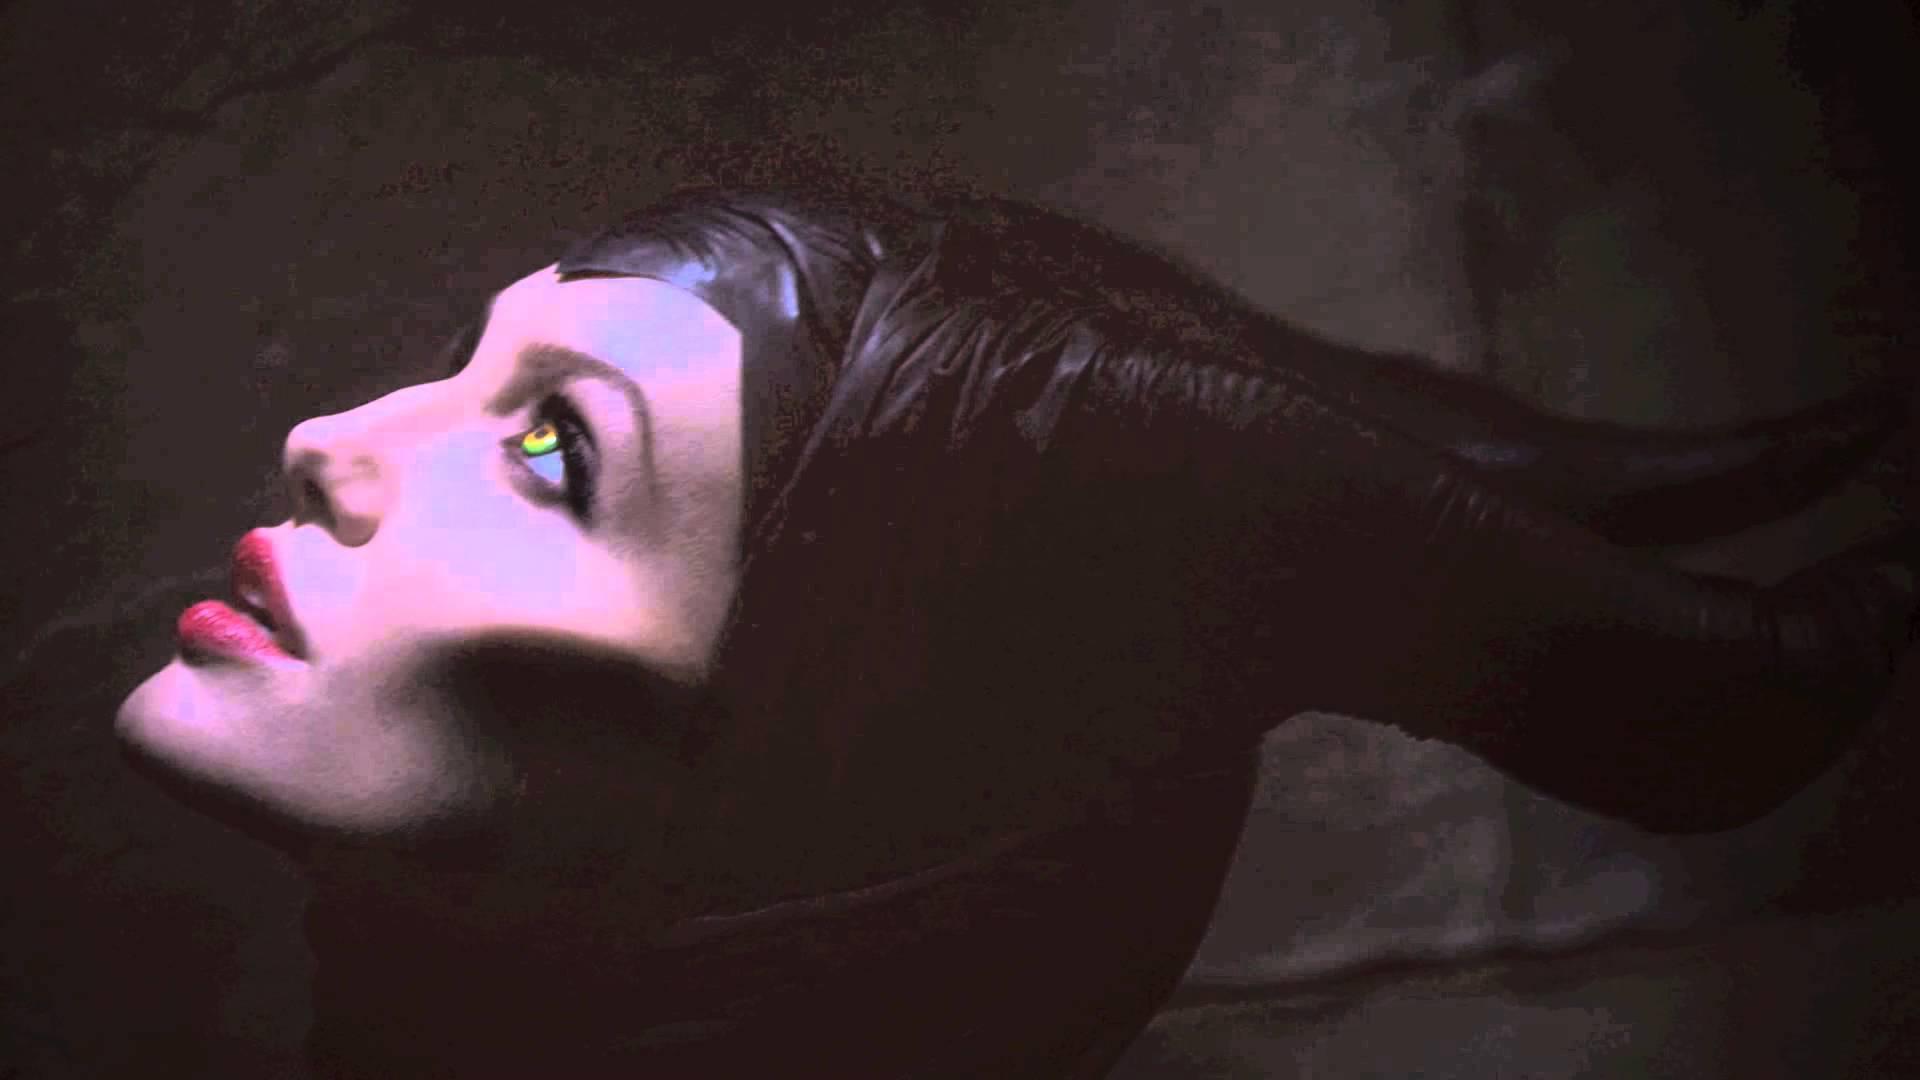 Agelina Jolie Maleficent Disney Sleeping Beauty Šípková Růženka